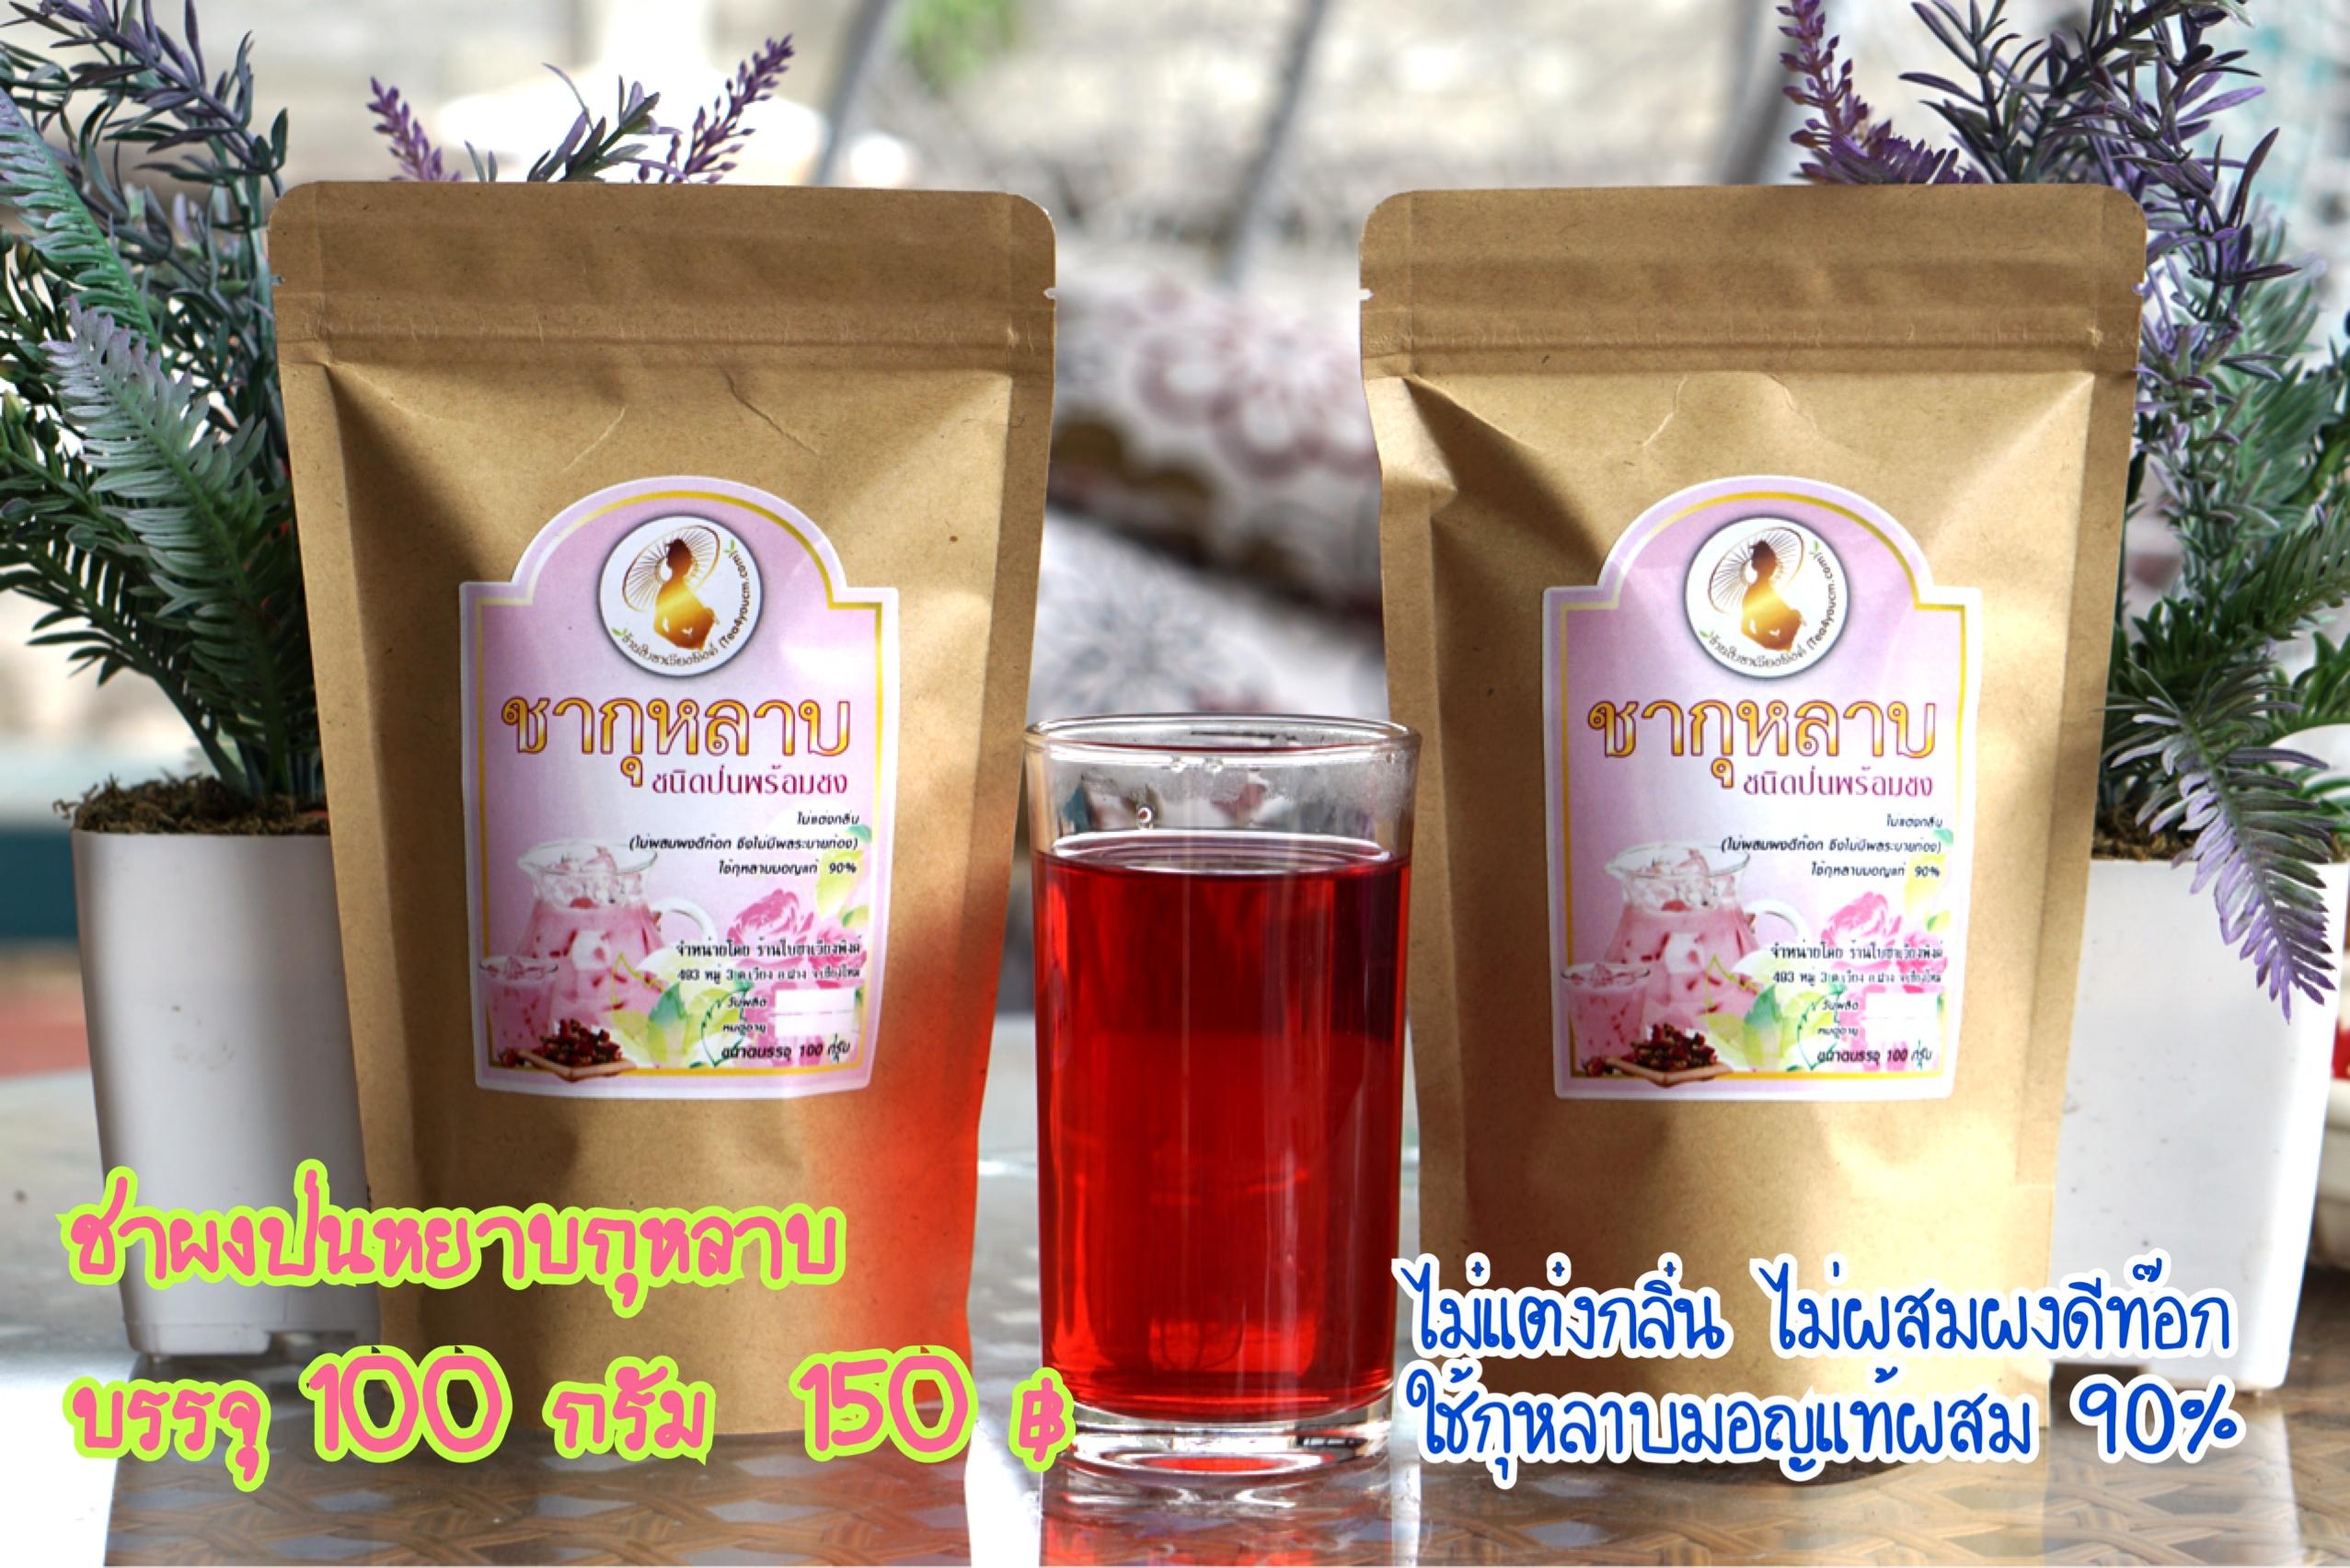 ผงชากุหลาบป่นหยาบ (กลิ่นธรรมชาติ เกรดA)